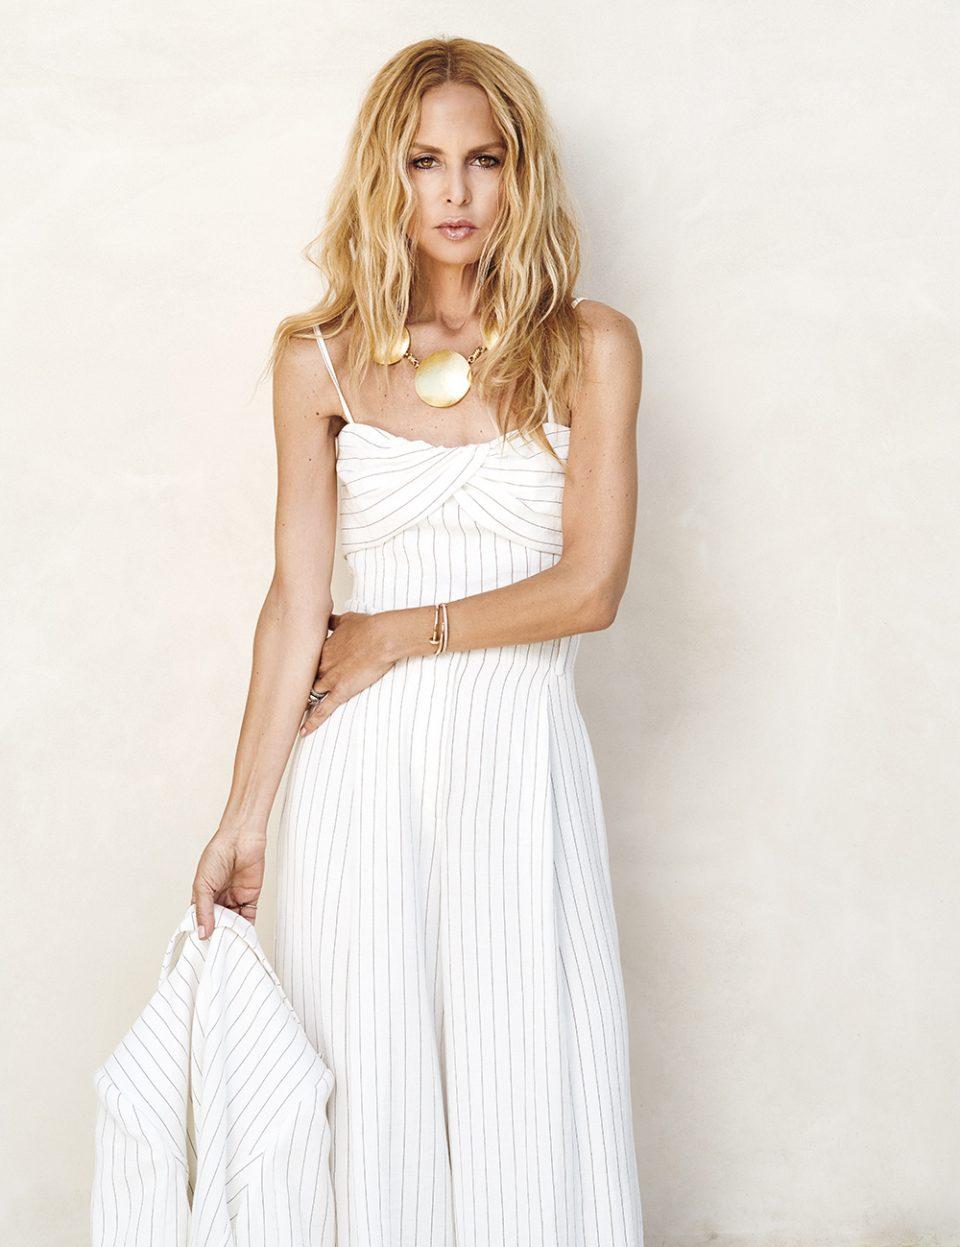 Rachel Zoe Style Mogul | Social Life Magazine | Luxury ...